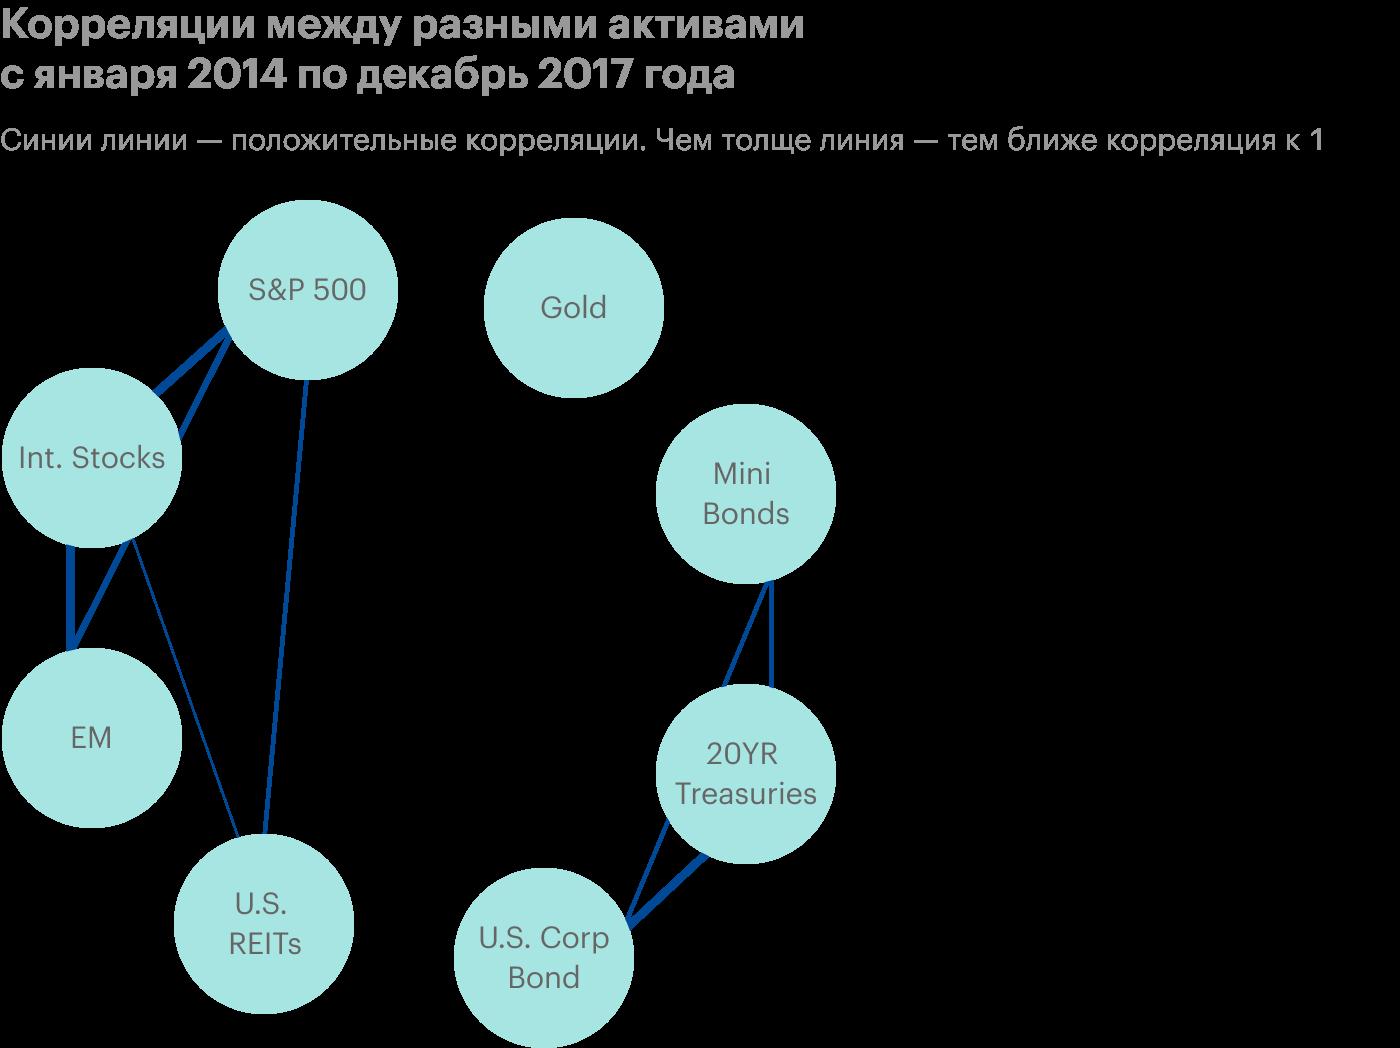 Классы высокорисковых, низкорисковых активов и золото имеют неявные связи — в пределах значений от −0,5 до 0,5. На диаграмме эти связи не указаны. Источник: Marker